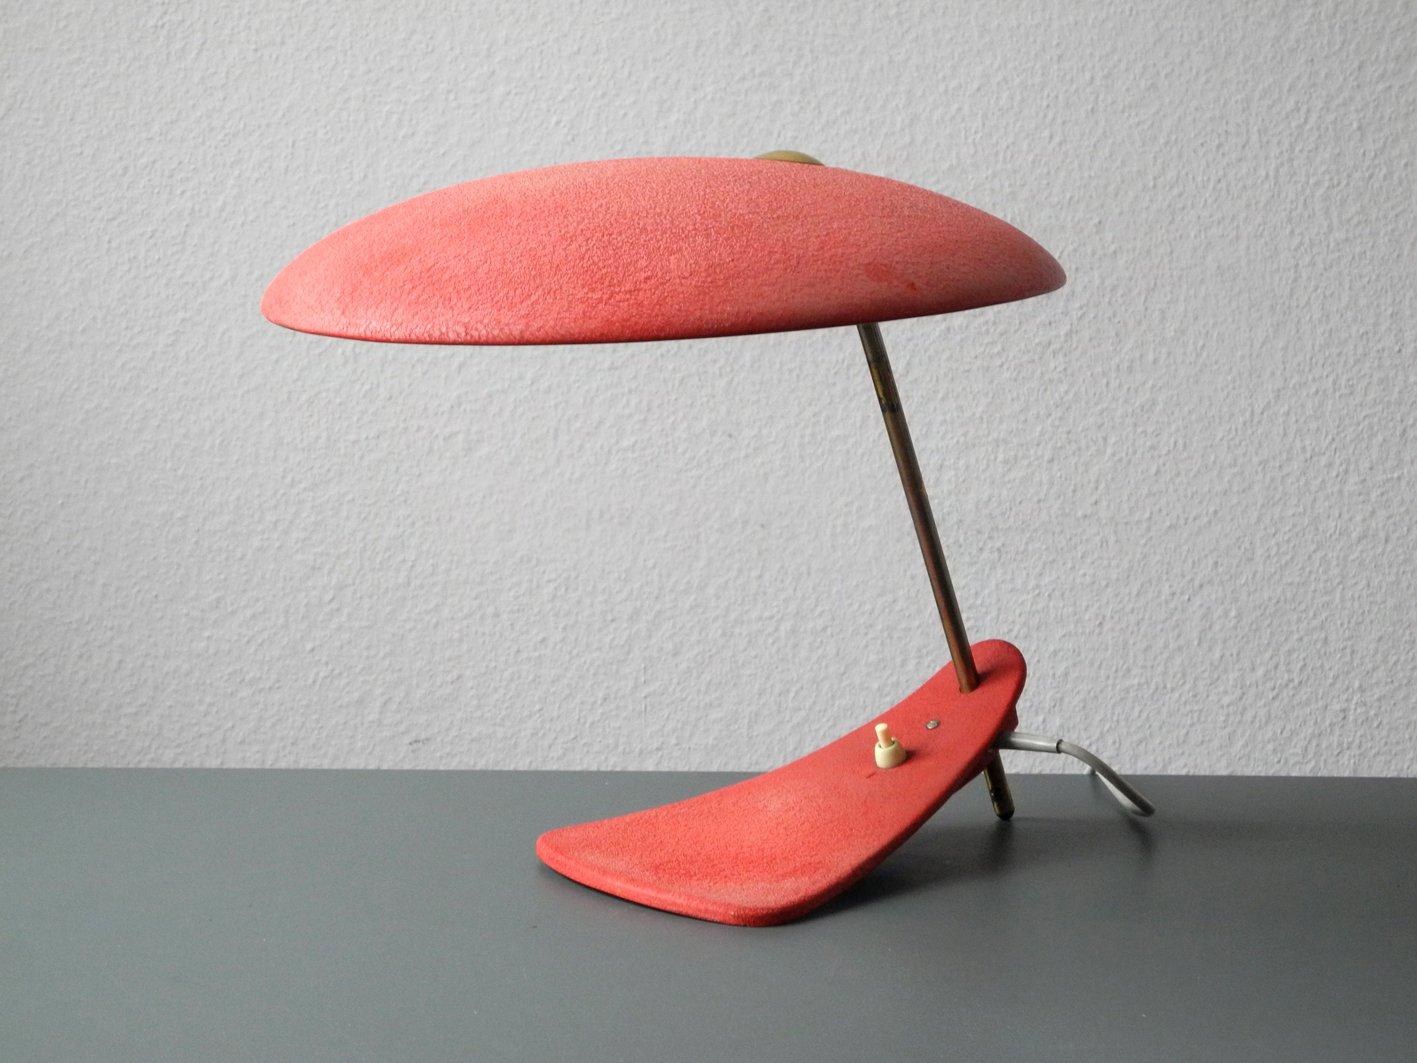 Rot Lackierte Moderne Italienische Mid-Century Tischlampe